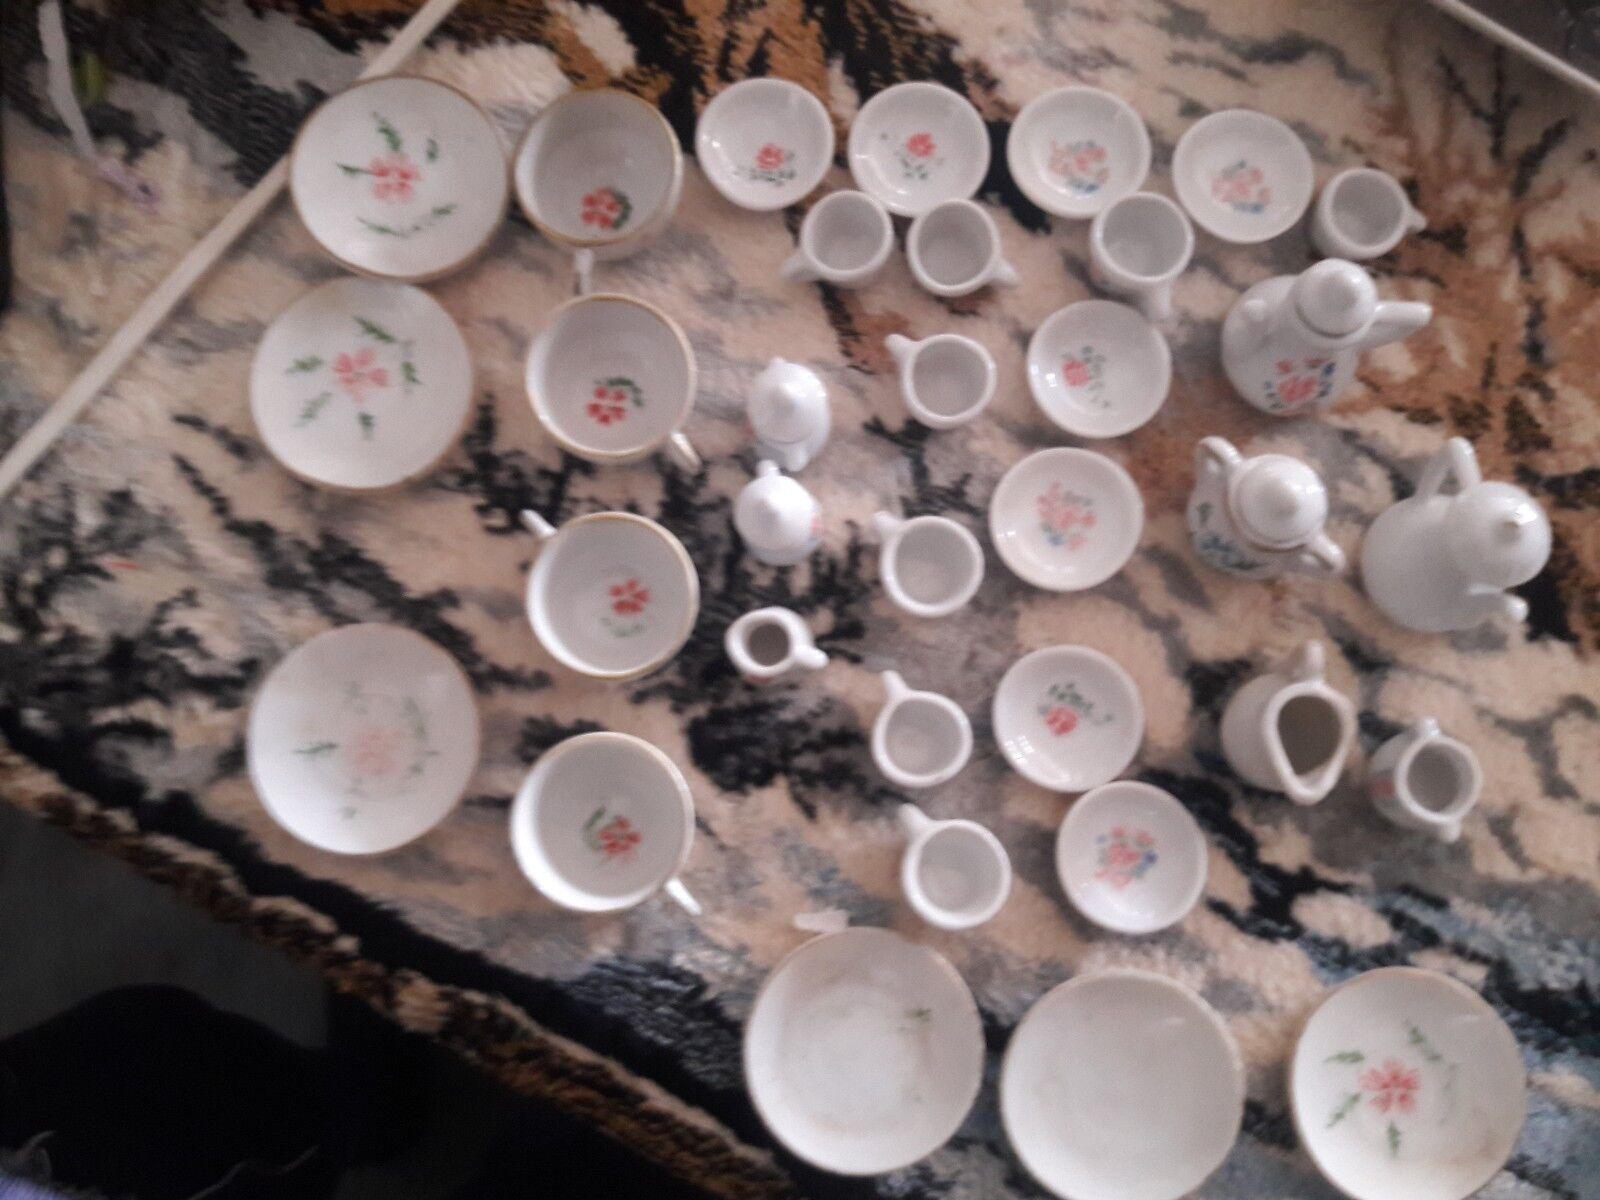 2 Antique Japanese Miniature  bambolahouse Tea Sets 34 pcs  migliore qualità